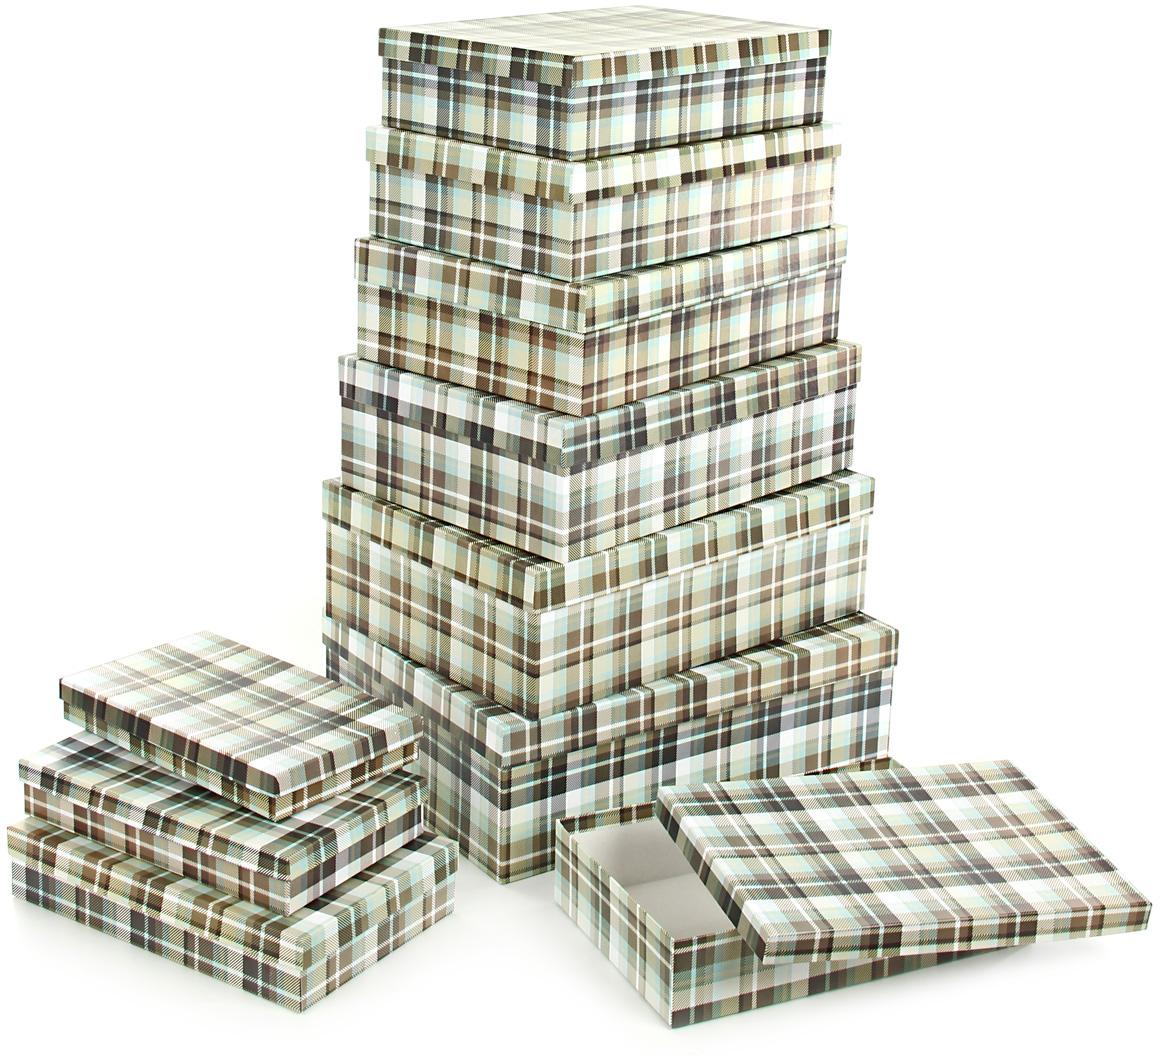 Набор подарочных коробок Veld-Co  Уютный плед , 10 шт -  Подарочная упаковка